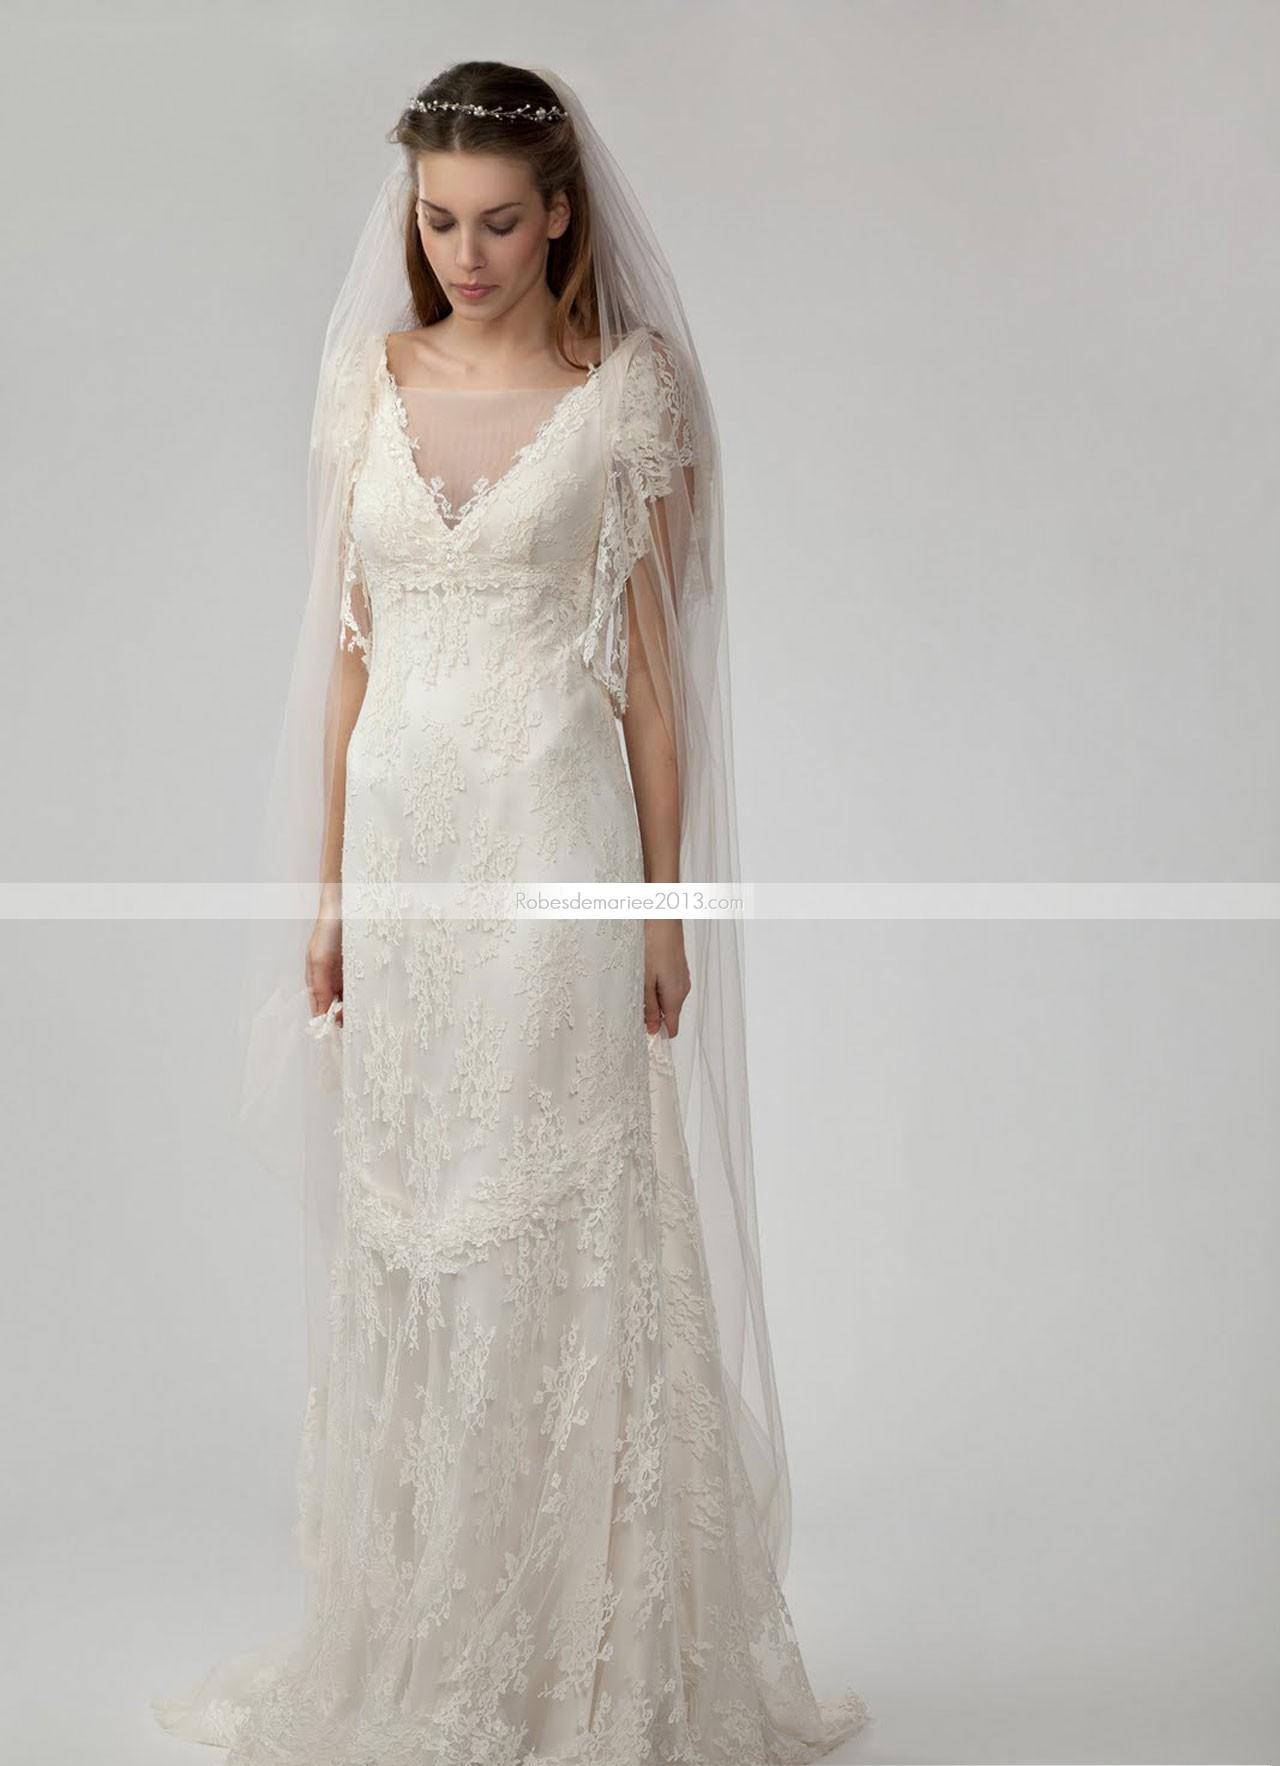 76d2964a549c2 Robes de mariée style empire - Chapka